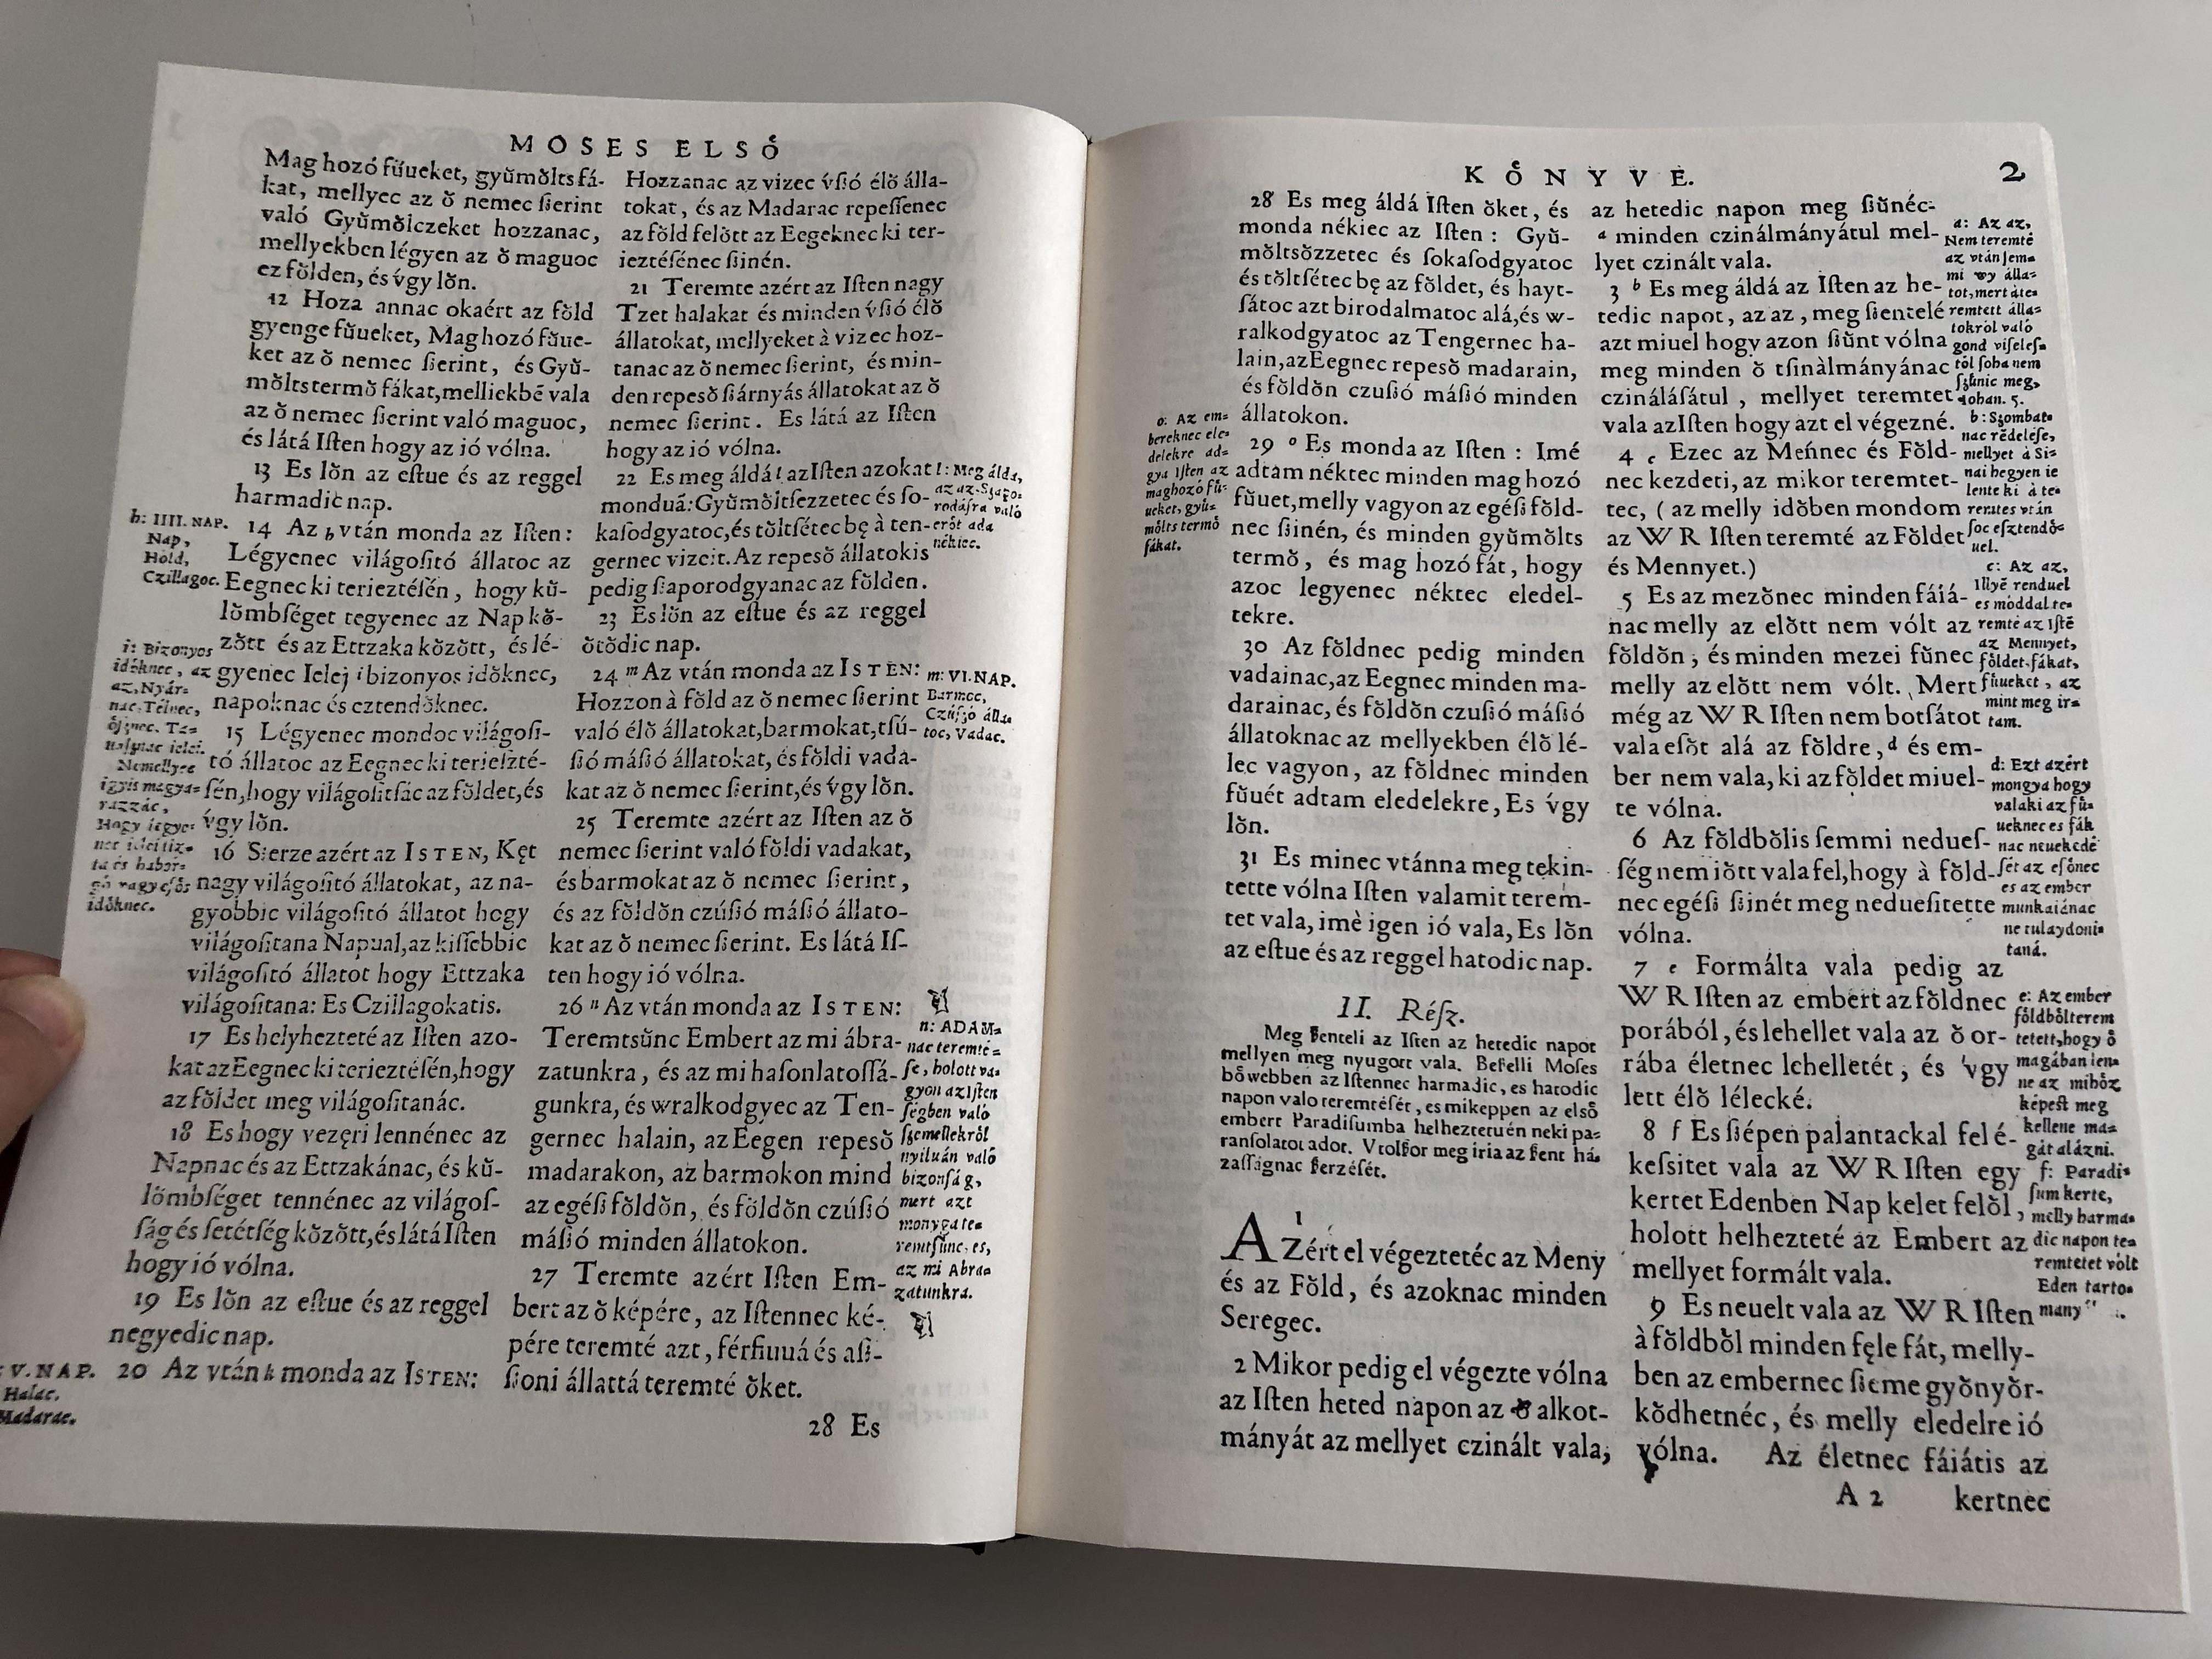 vizsolyi-szent-biblia-1590-hungarian-1590-k-roli-translation-reprint-holy-bible-set-istennec-es-wy-testamentvmanac-prophe-ta-c-es-apostoloc-ltal-meg-iratott-szent-k-nyuei-rcn-l-maradand-bb-tanulm-ny-essay-book-d-6357118-.jpg